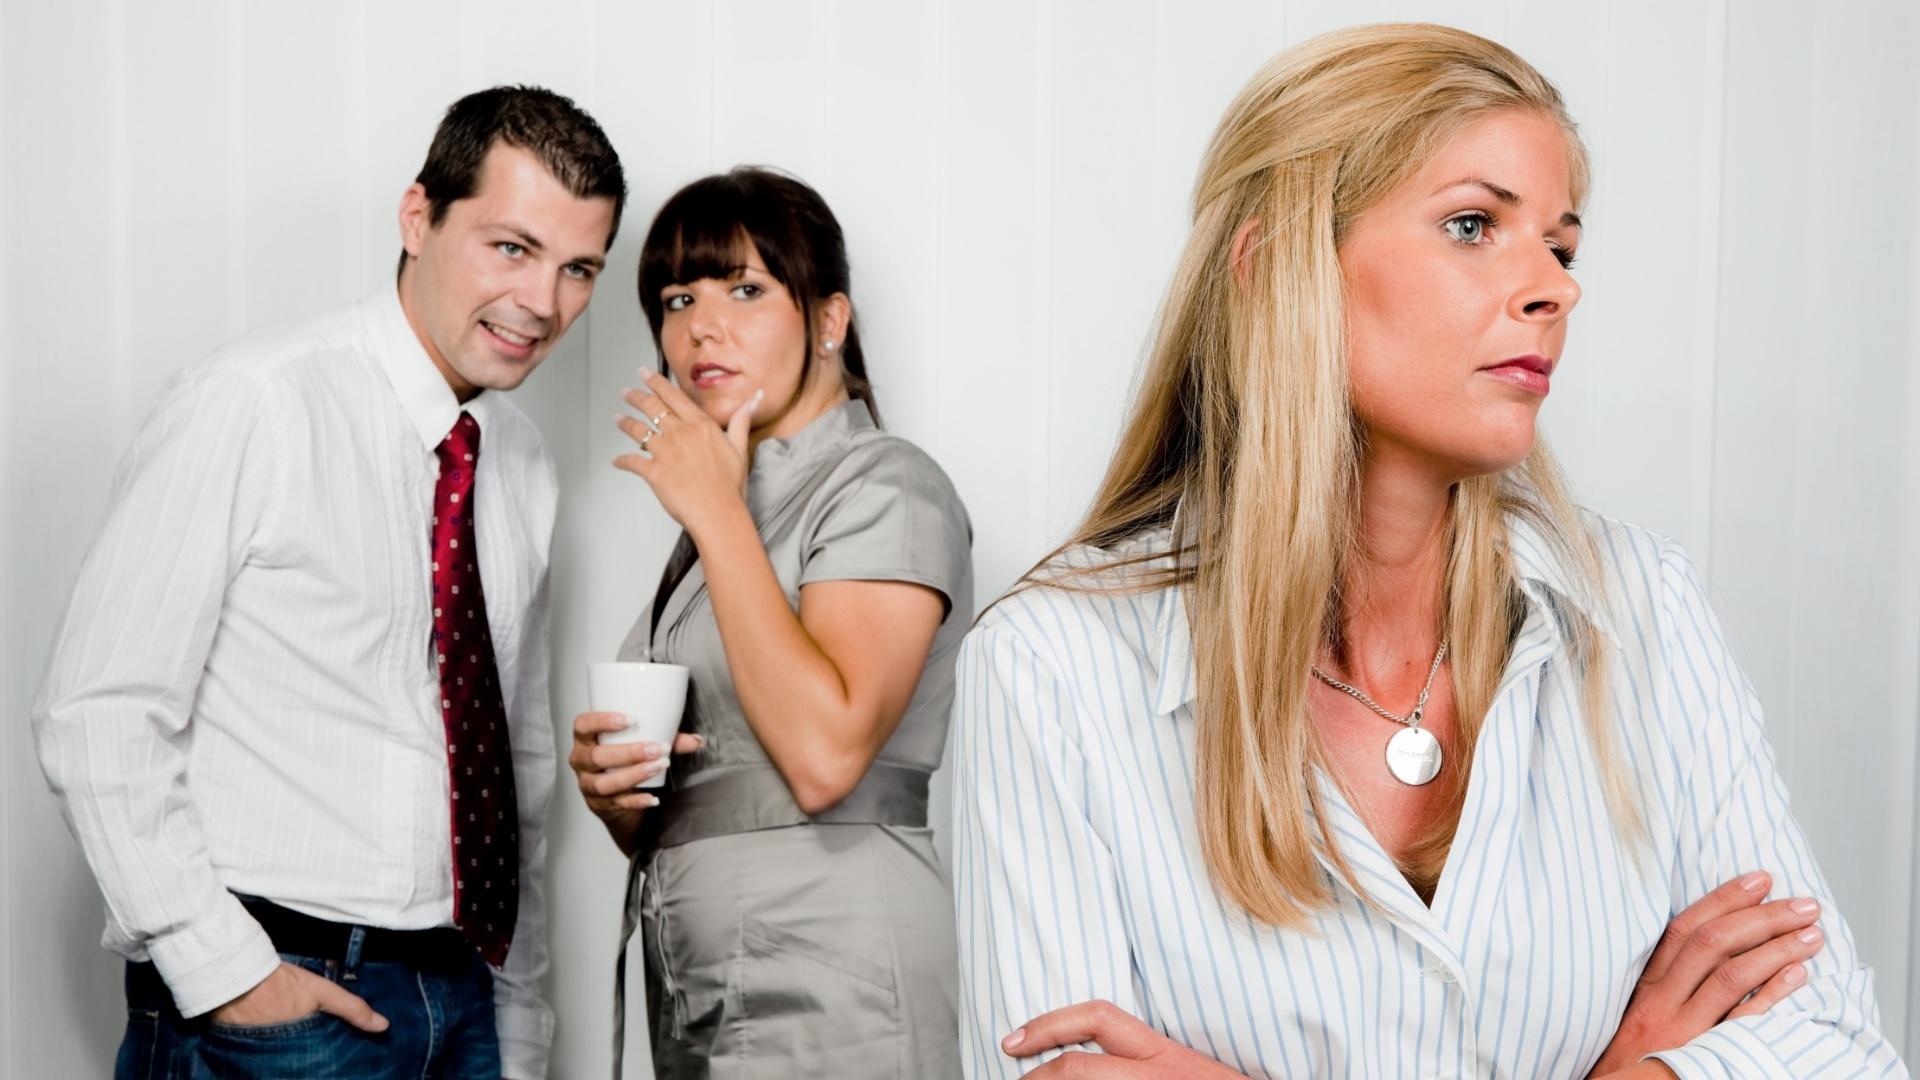 Criticam Você Pelas Costas No Trabalho Pode Ser Só Inveja Ou